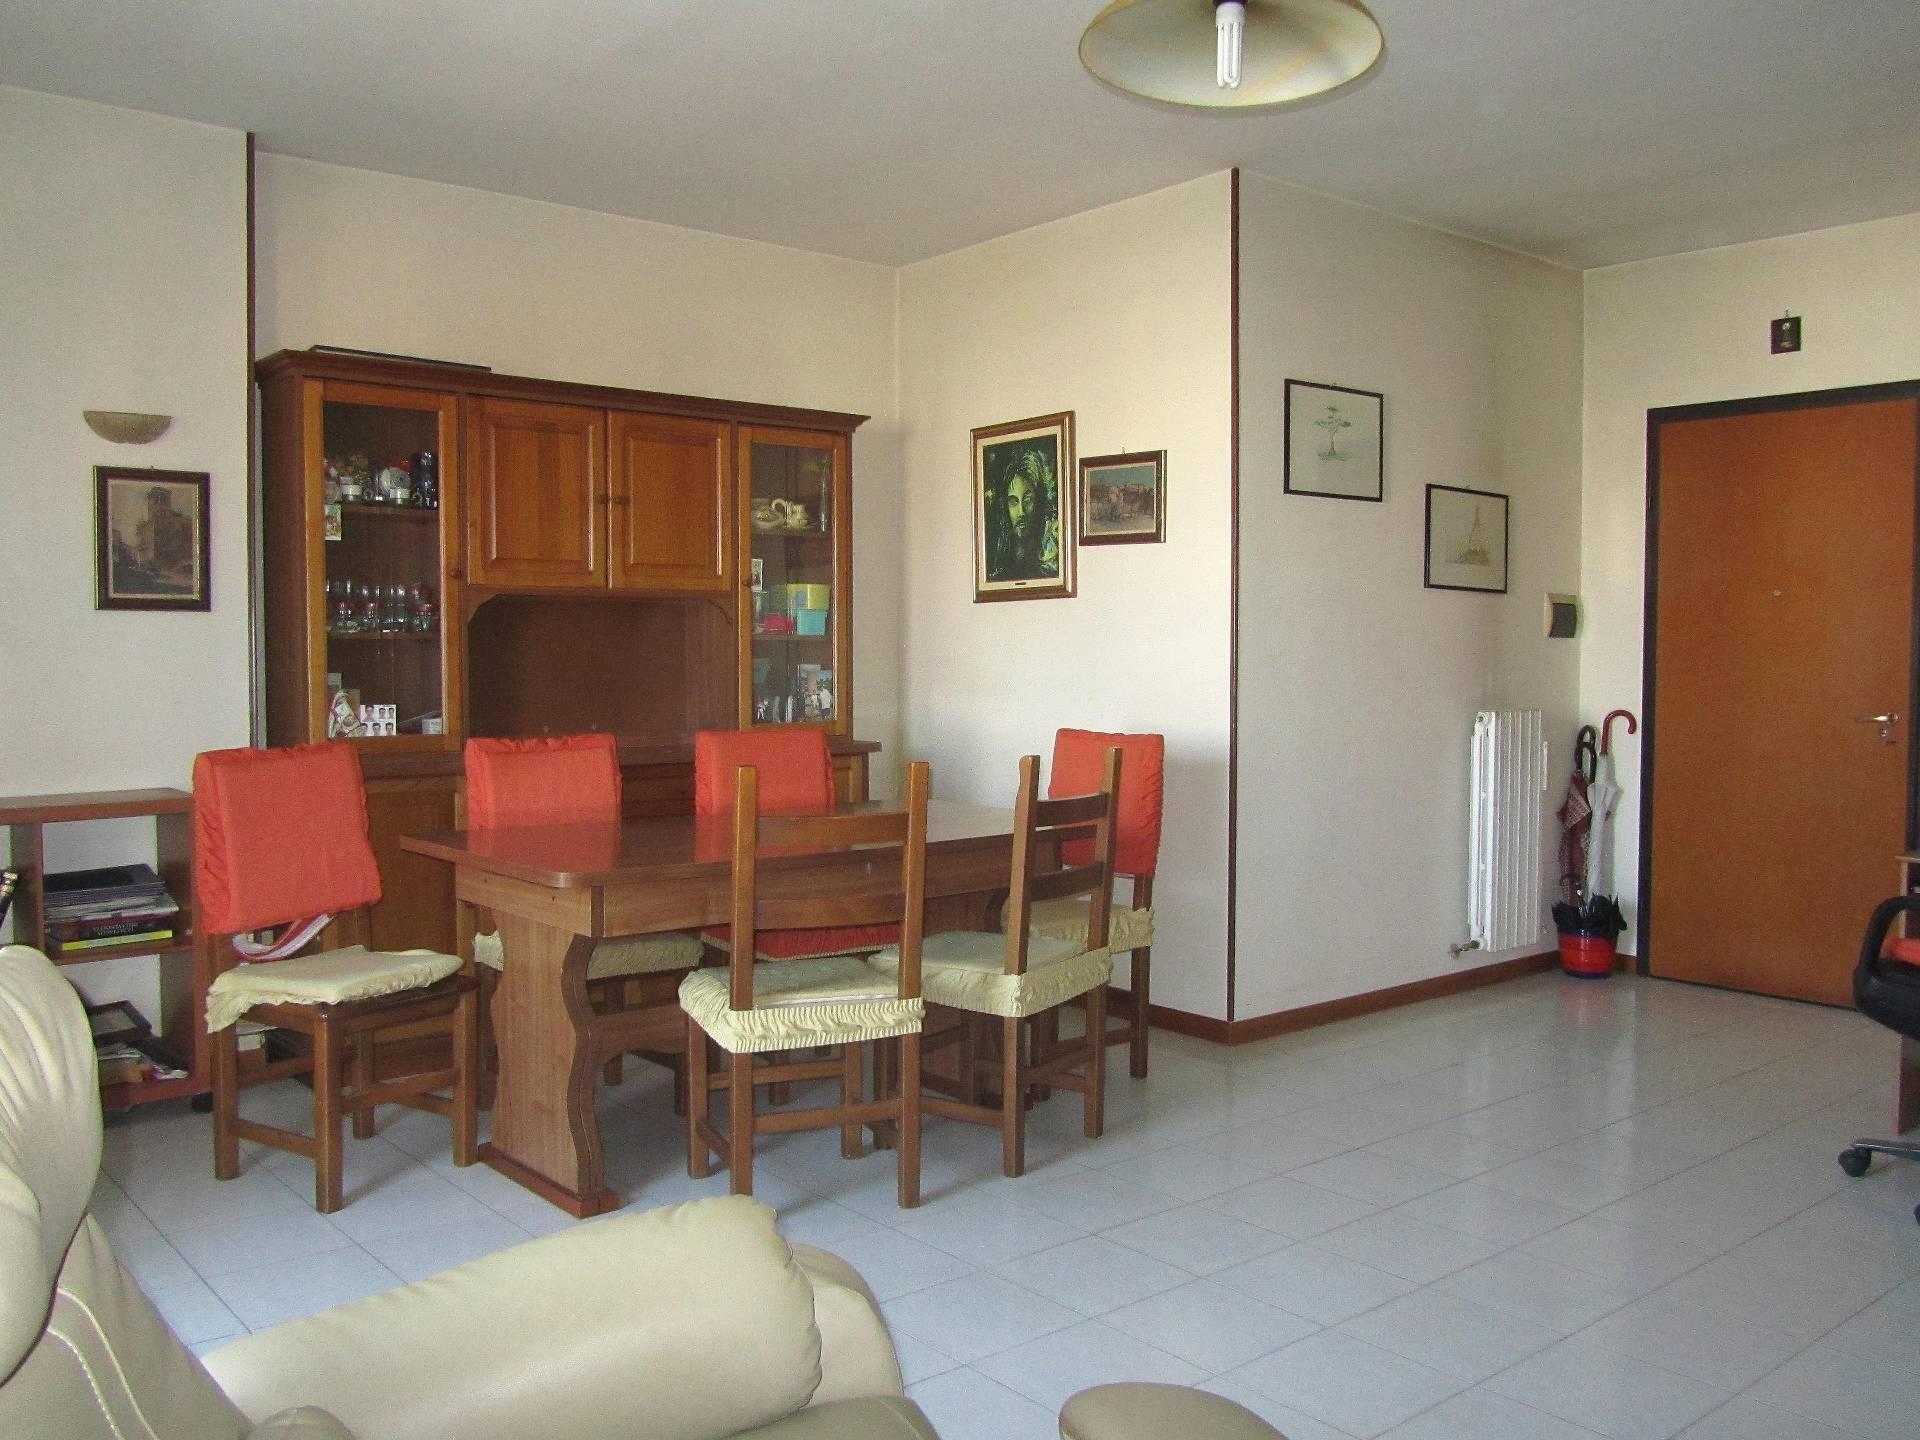 Appartamento in vendita a Martinsicuro, 5 locali, prezzo € 80.000 | CambioCasa.it